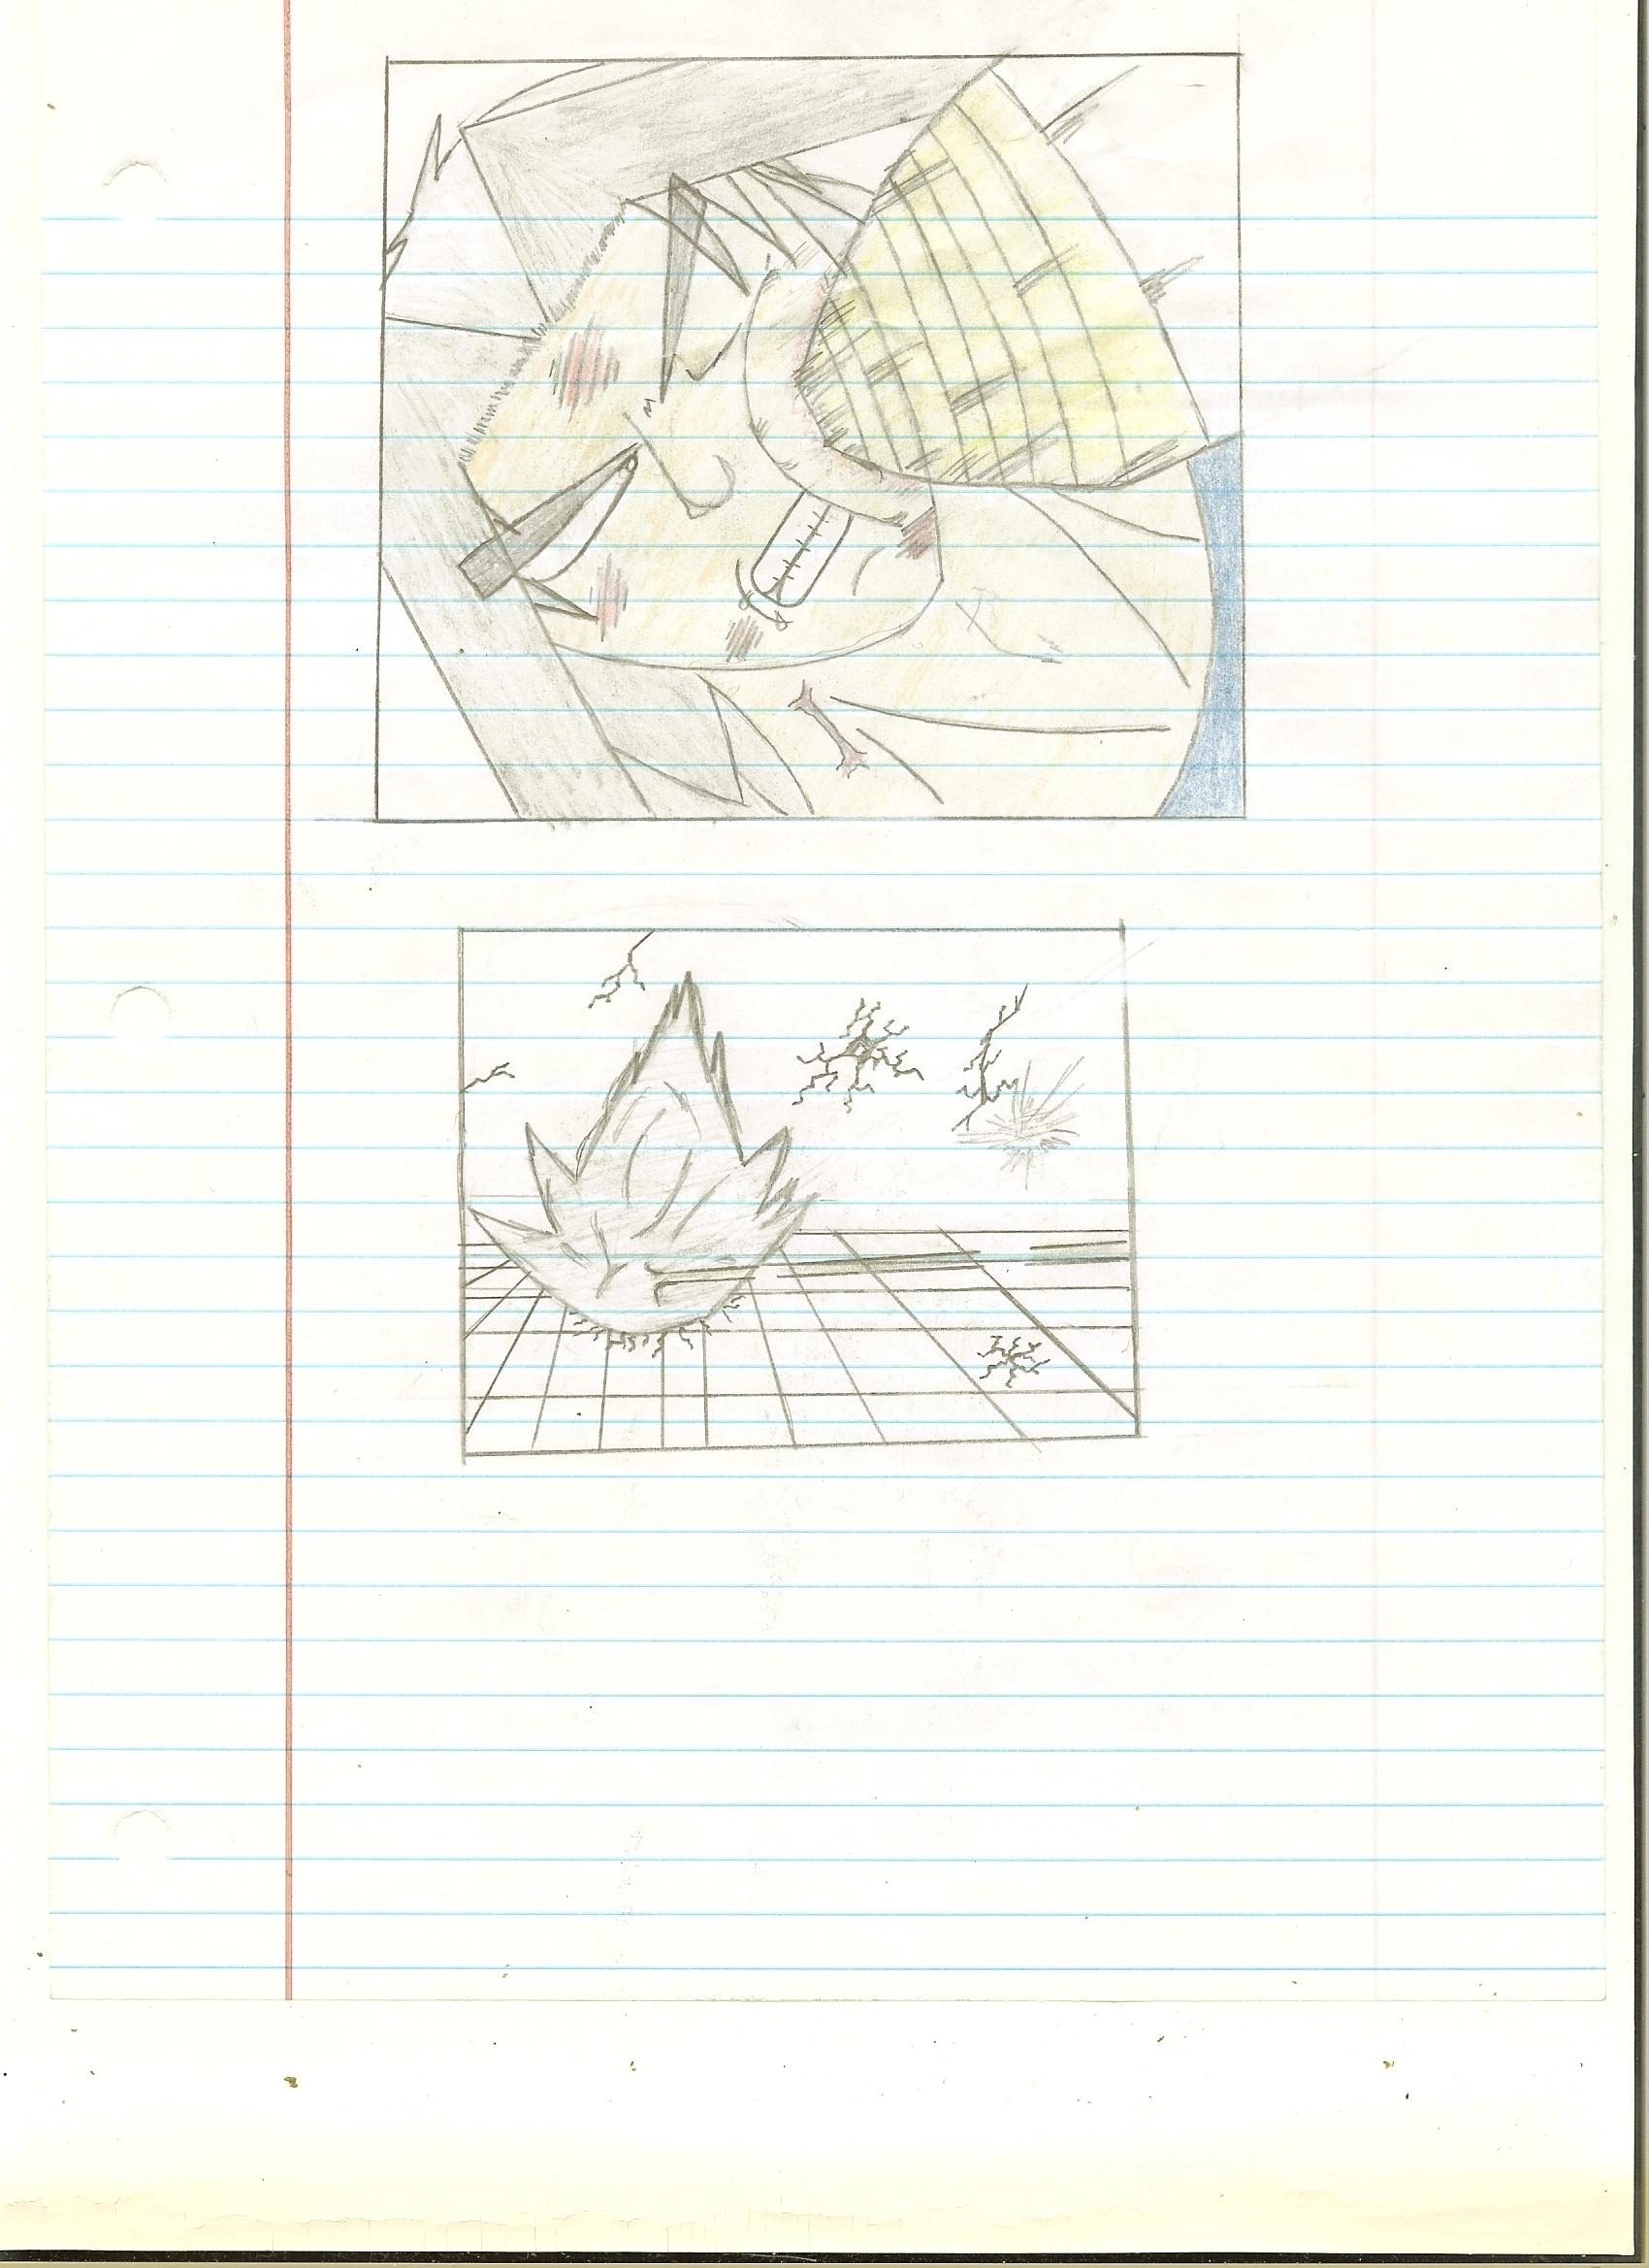 Fan DBZ Comic Page 2 - Genesis